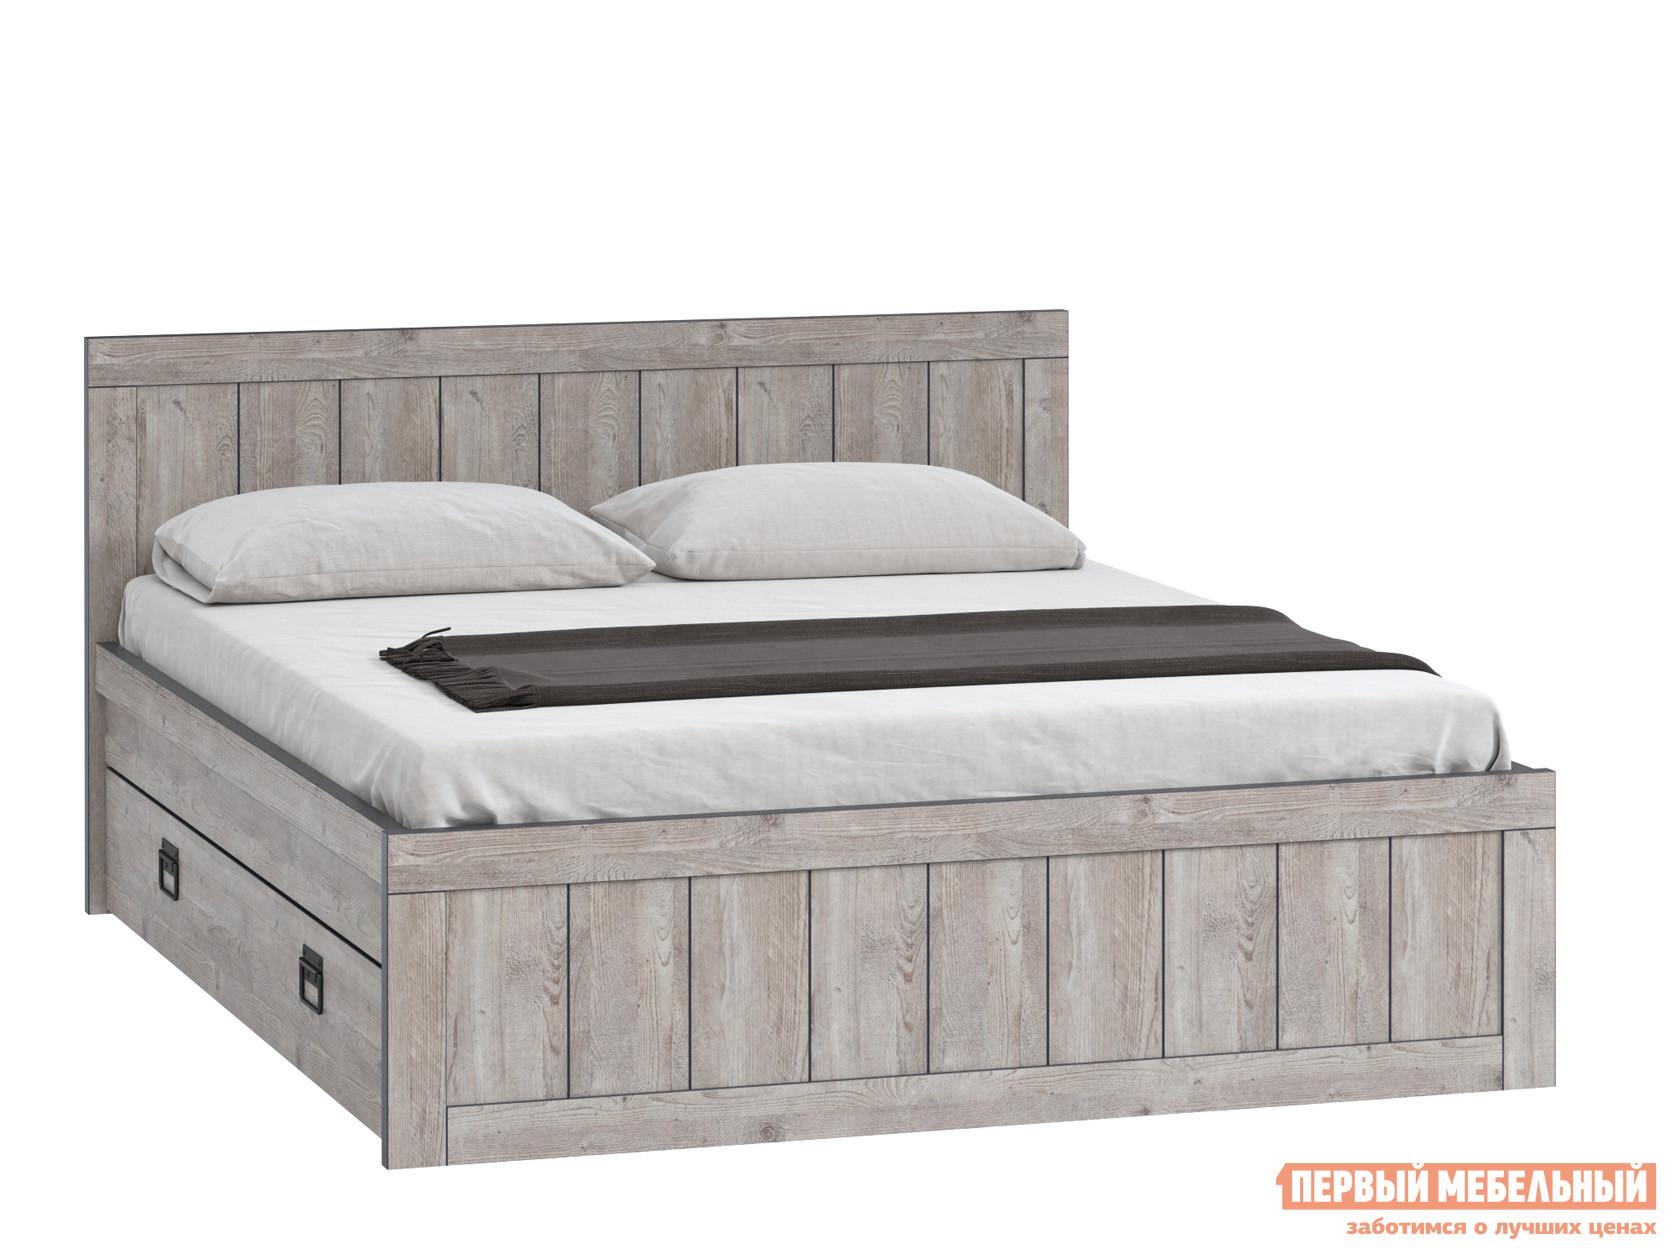 Полутороспальная кровать WOODCRAFT Эссен Кровать №3 1400 с ящиками woodcraft диван кровать рейн р 1а